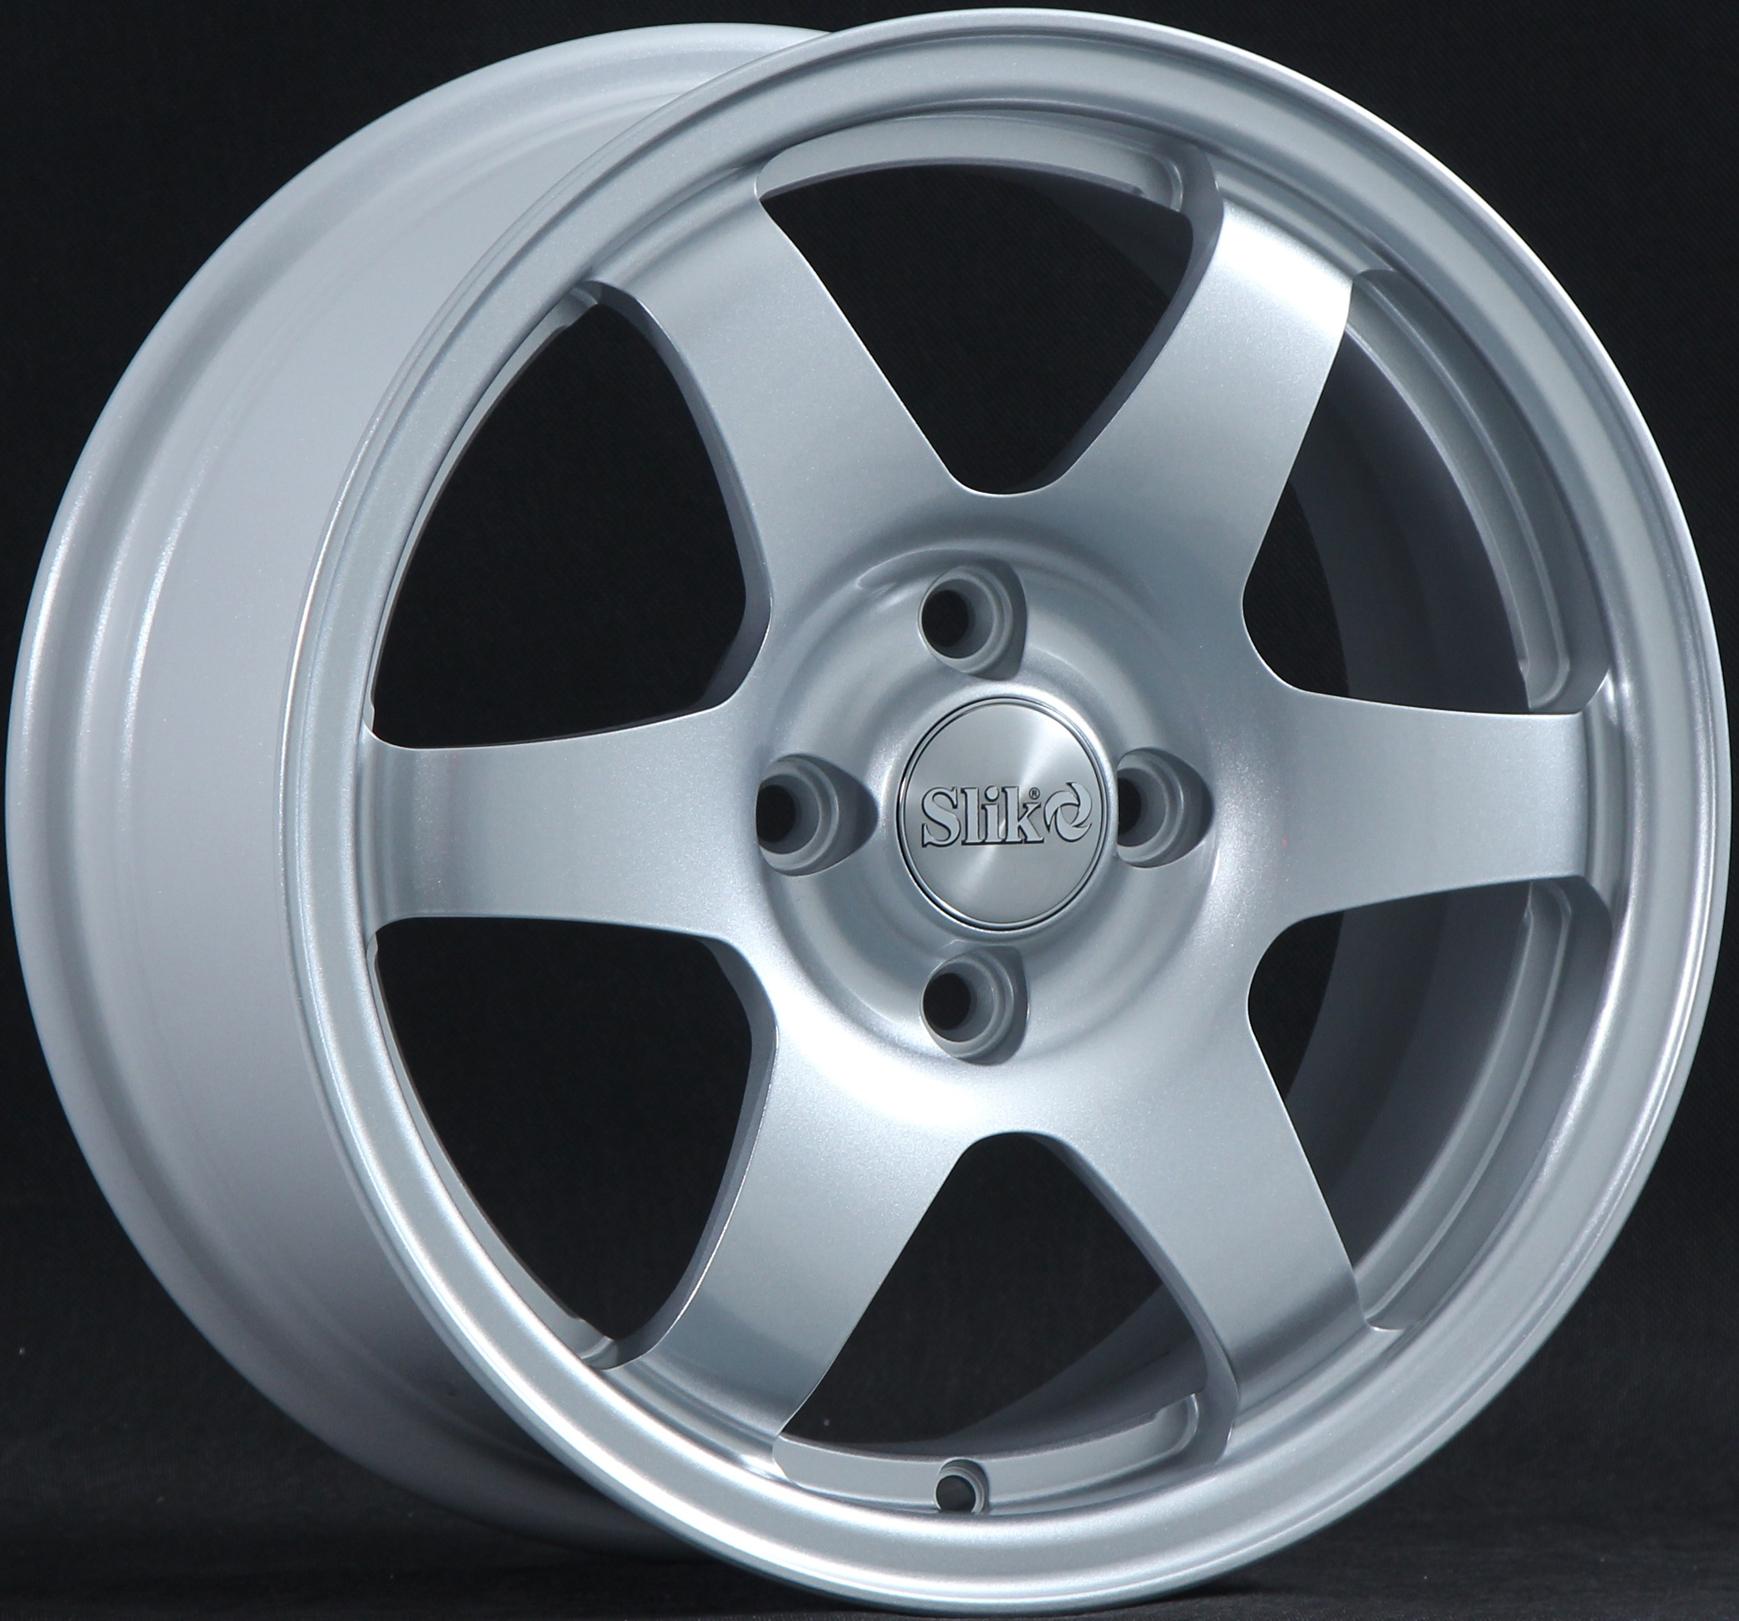 SLIK L-186 forged wheels new model